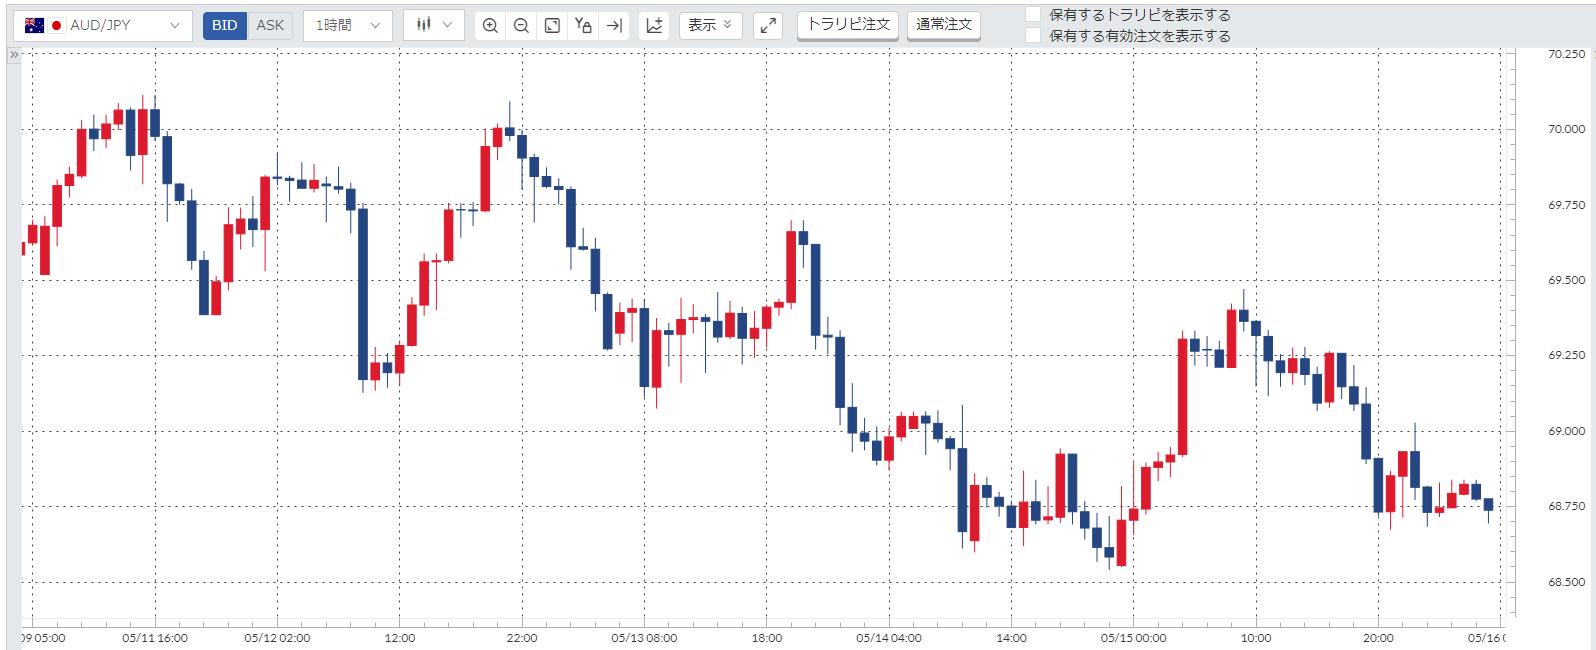 豪ドル円(AUDJPY)週間チャート_20200511-20200515